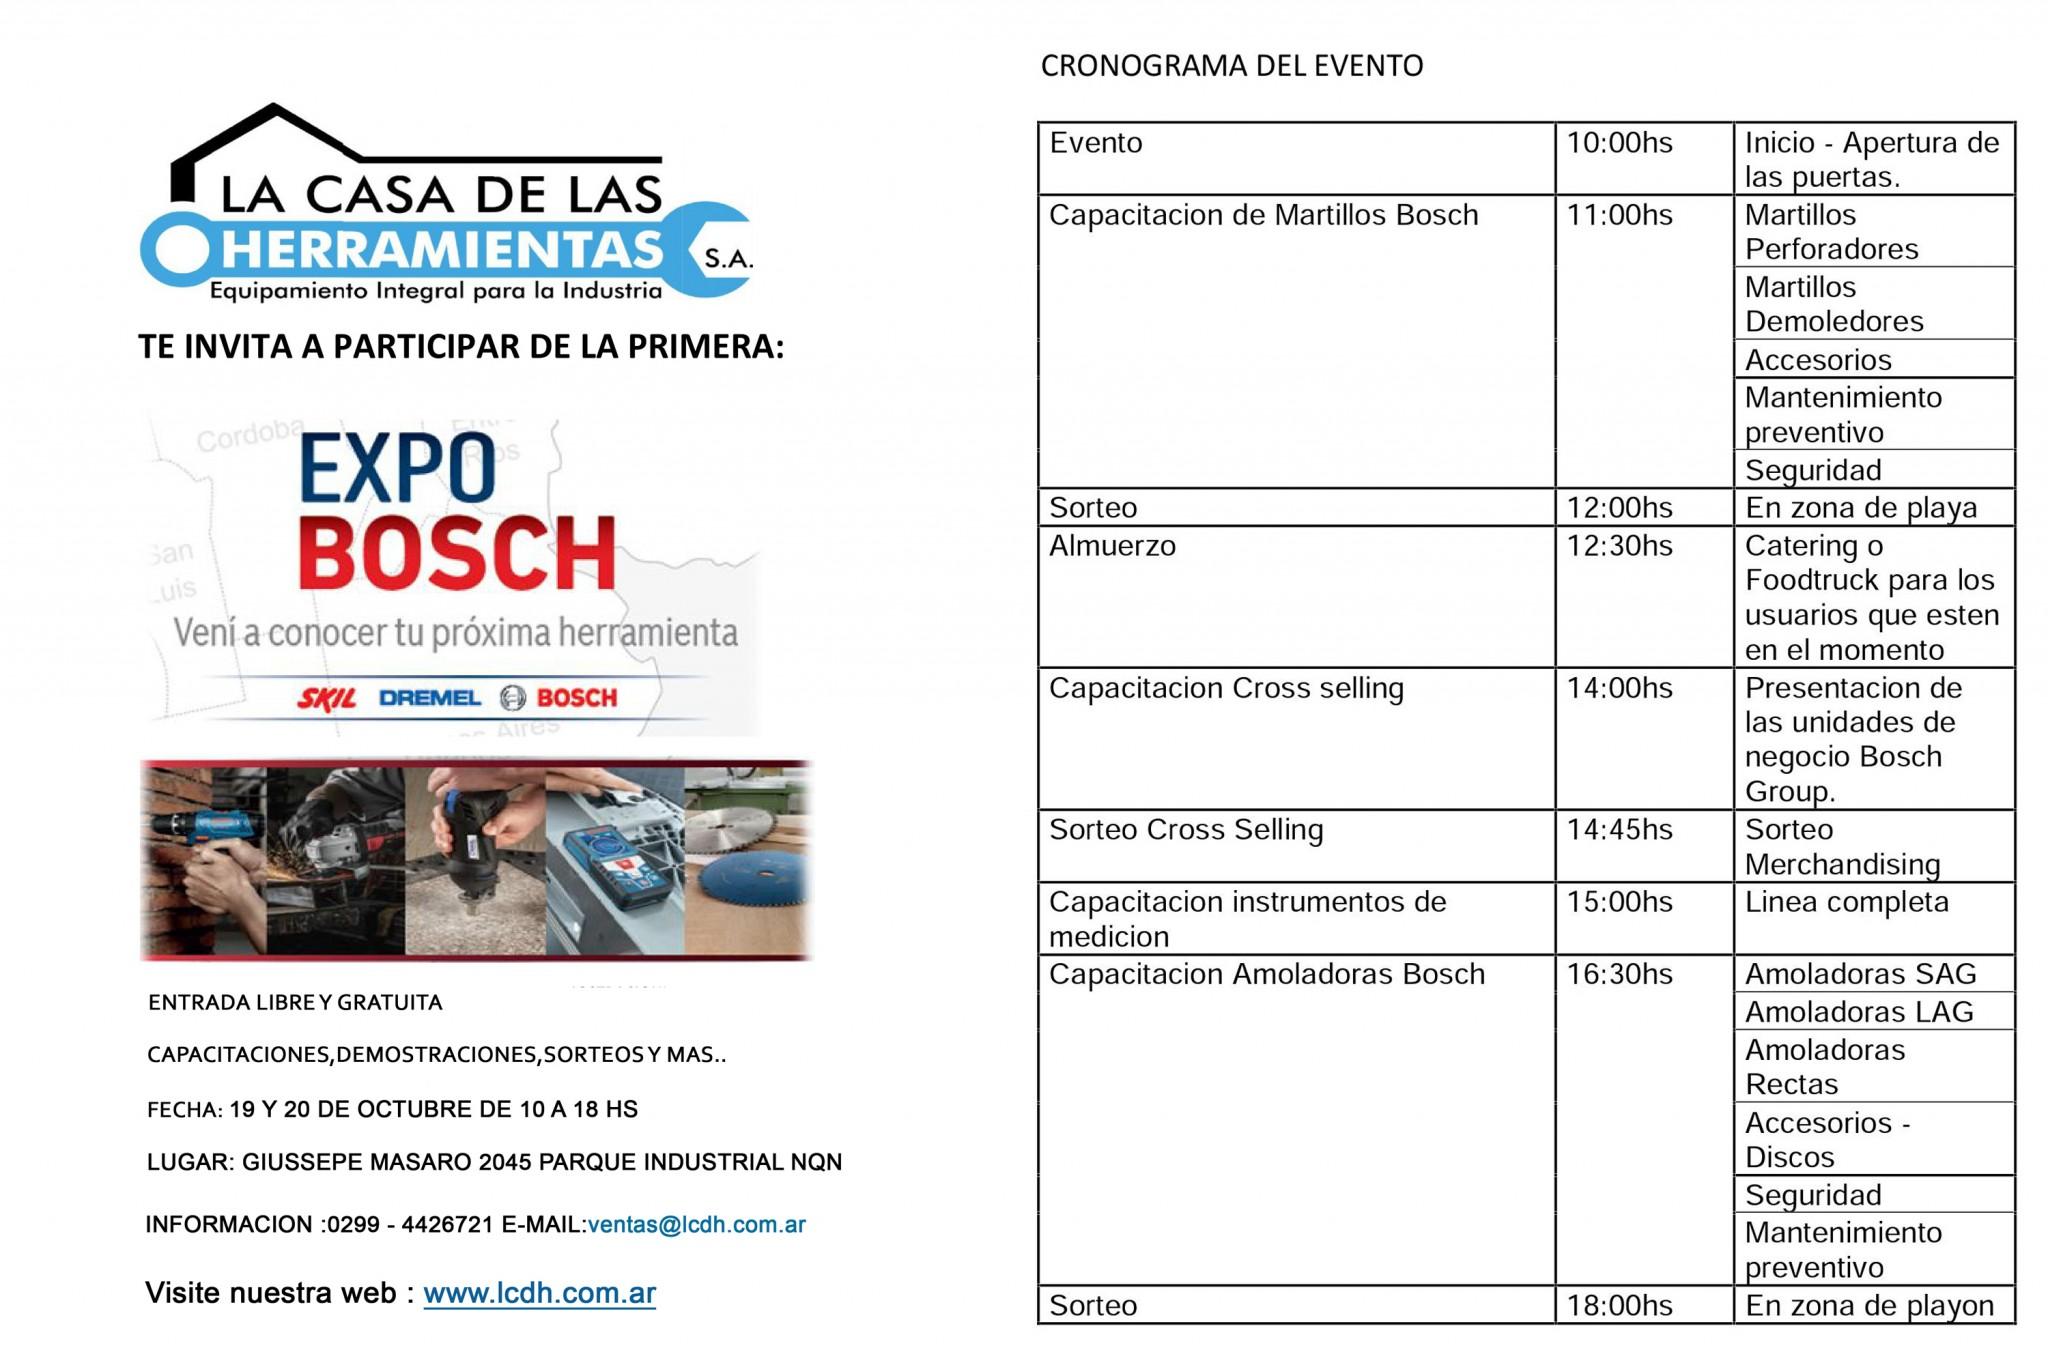 cronograma-expo-bosch-1-1-1